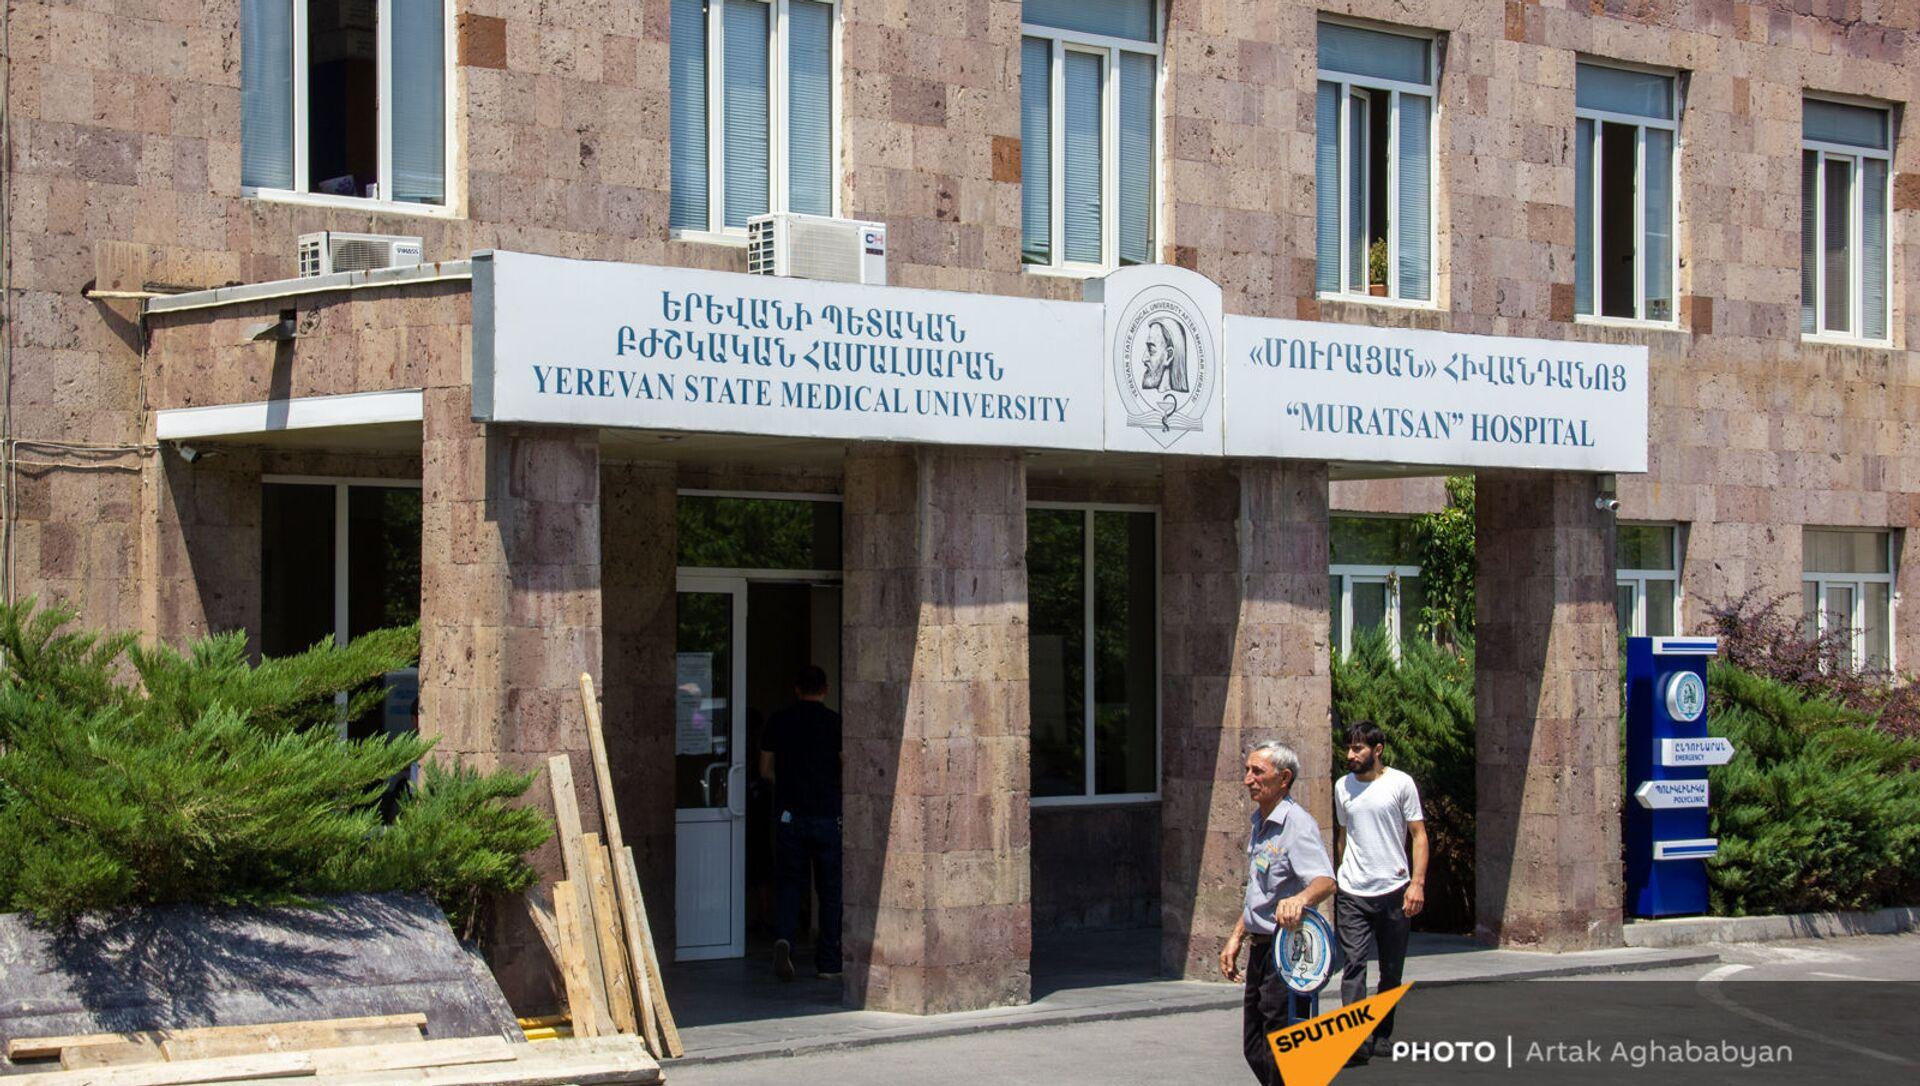 Фасад клиники детской и неонатальной реаниматологии Университетского больничного комплекса Мурацан  - Sputnik Արմենիա, 1920, 14.07.2021